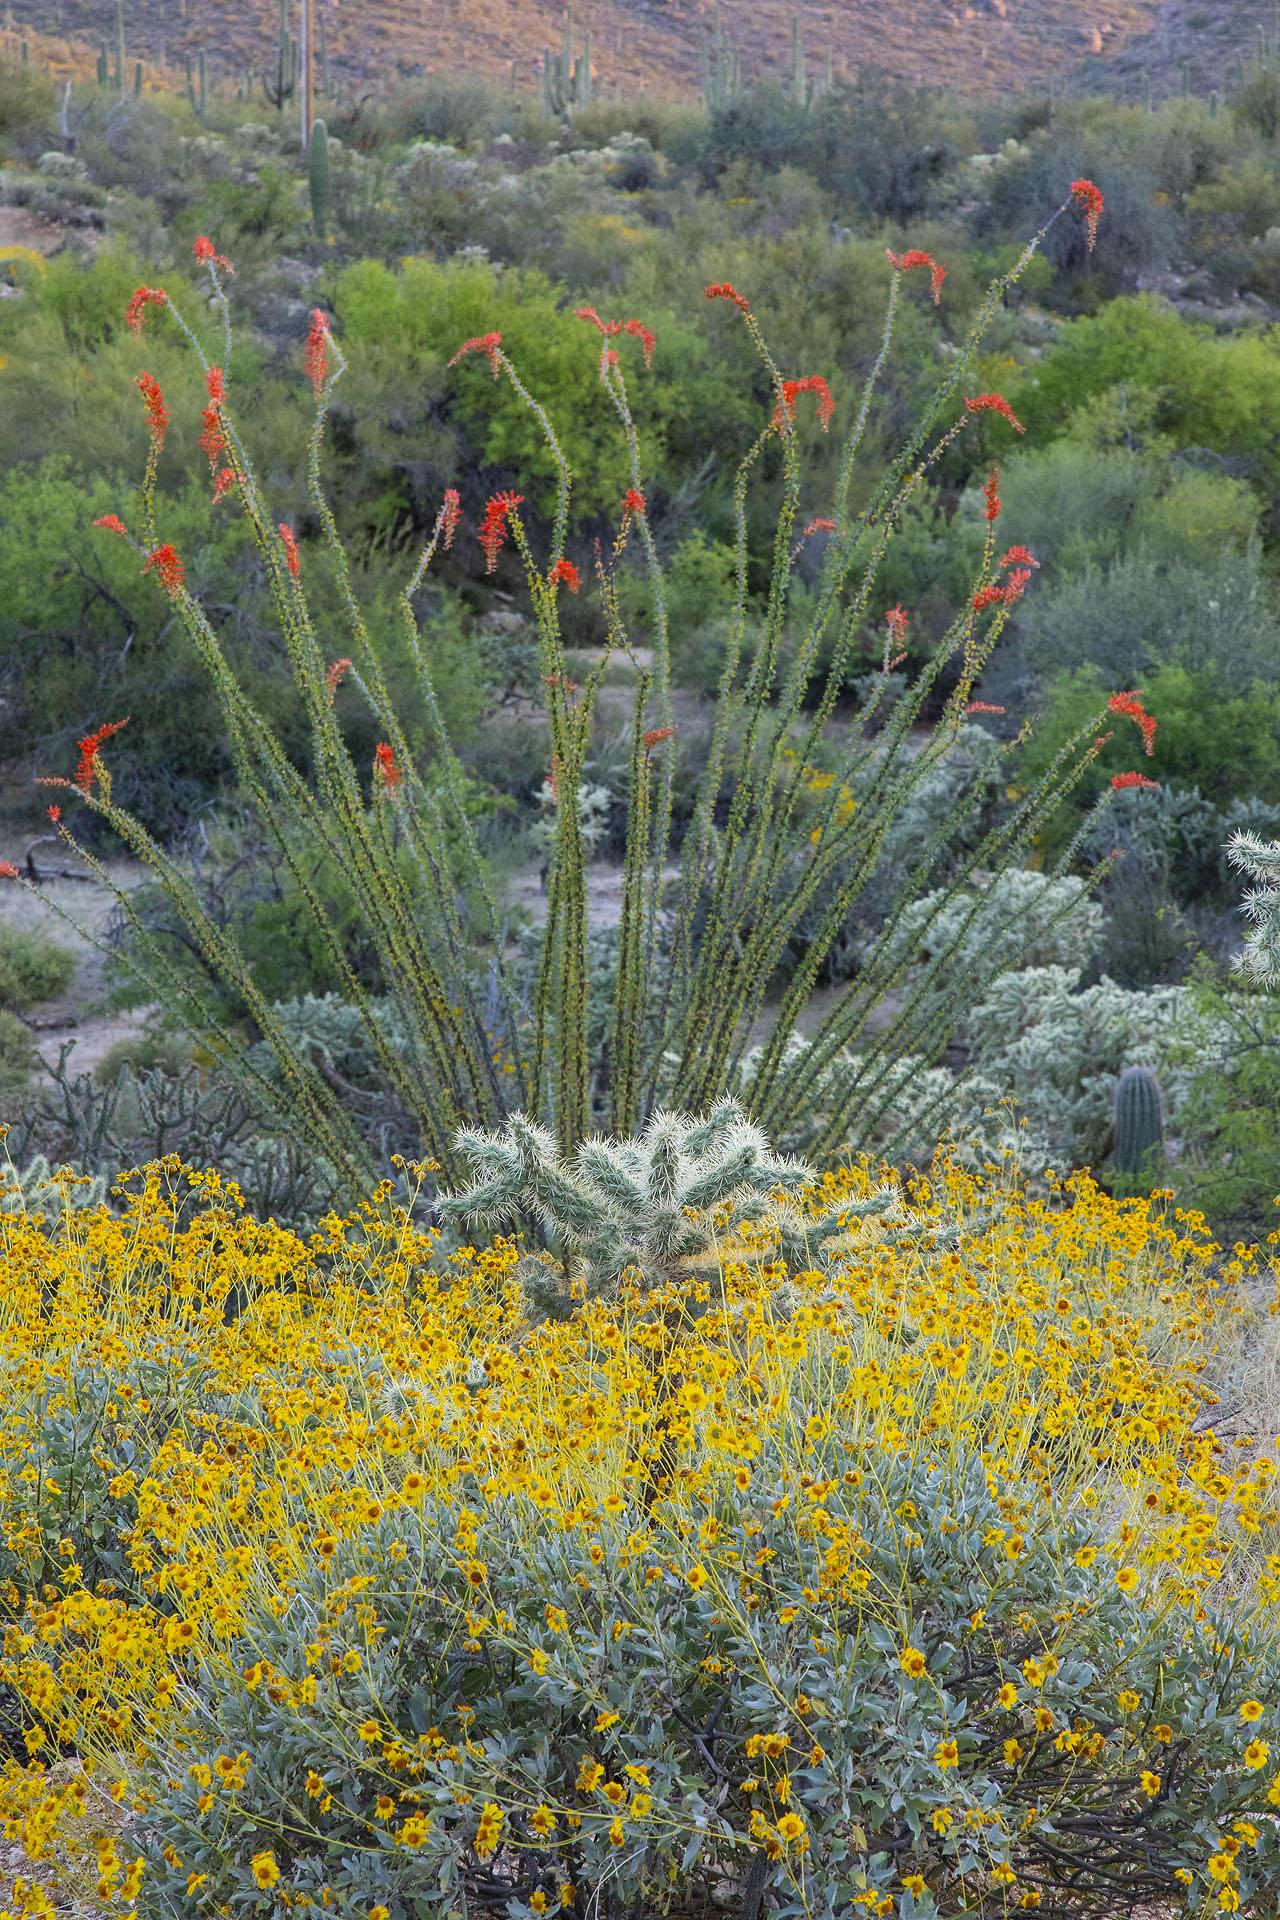 Wildflowers at the Desert Photo Retreat near Tucson, Arizona.